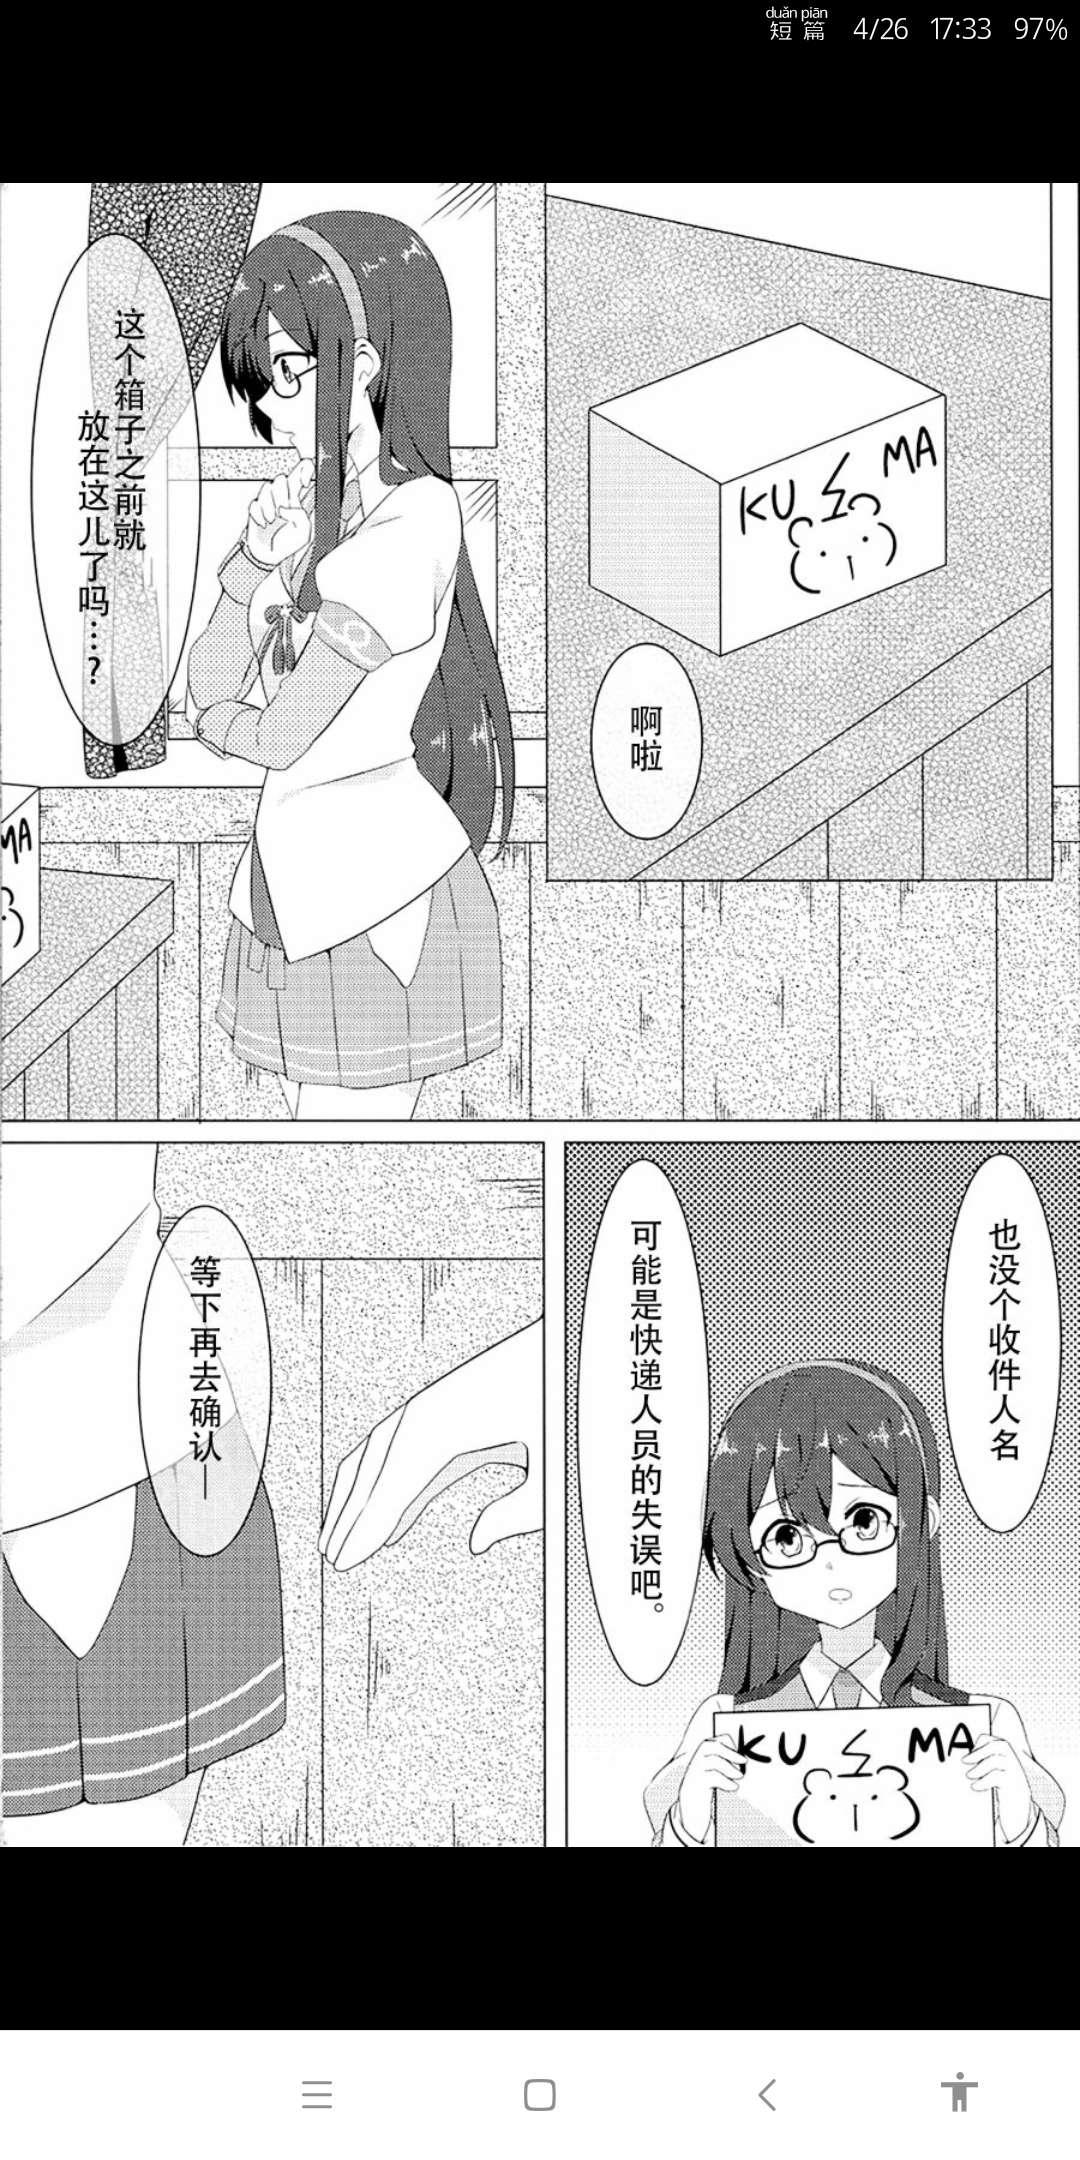 【漫画】提督和不可思议之箱